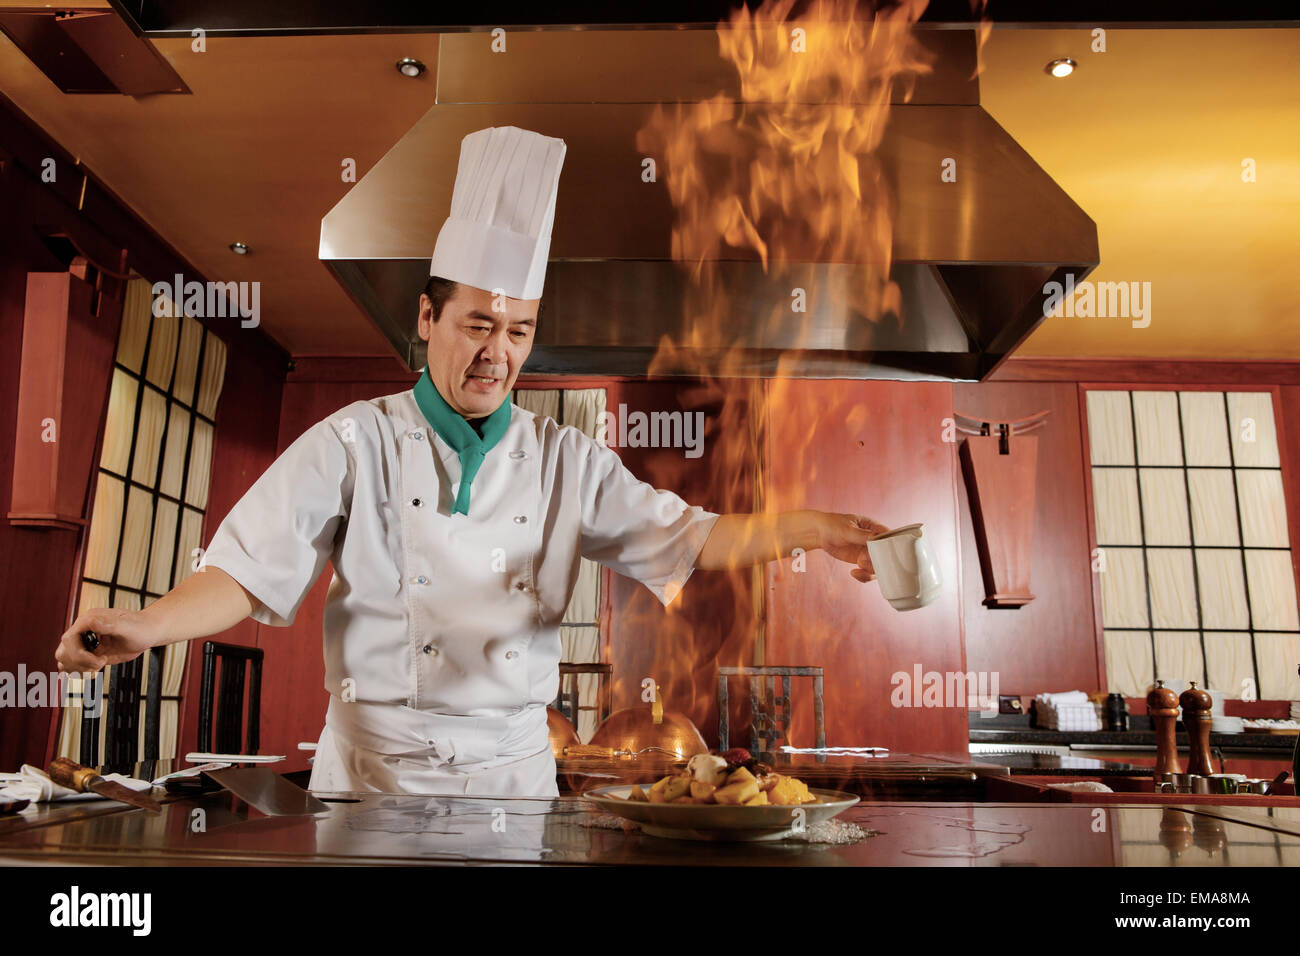 Faire cuire les légumes frites sur une cuisine Photo Stock